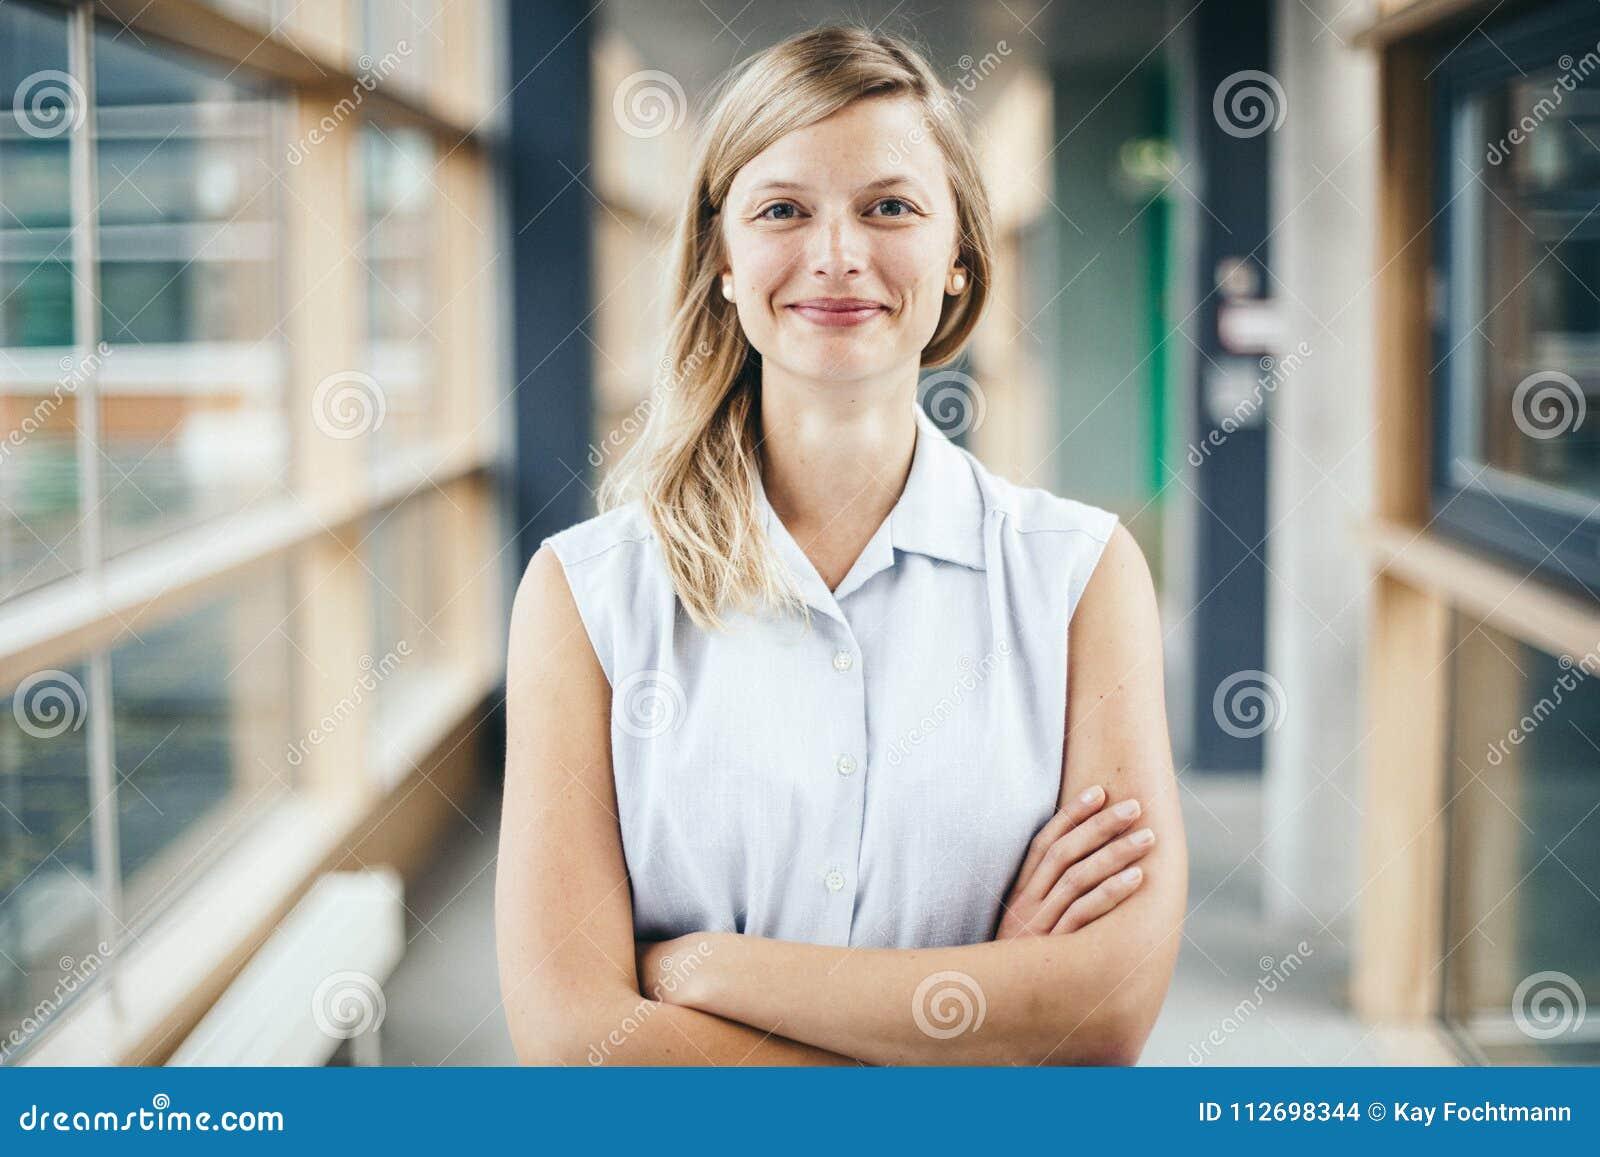 Femme d affaires authentique blonde avec le sourire croisé de bras